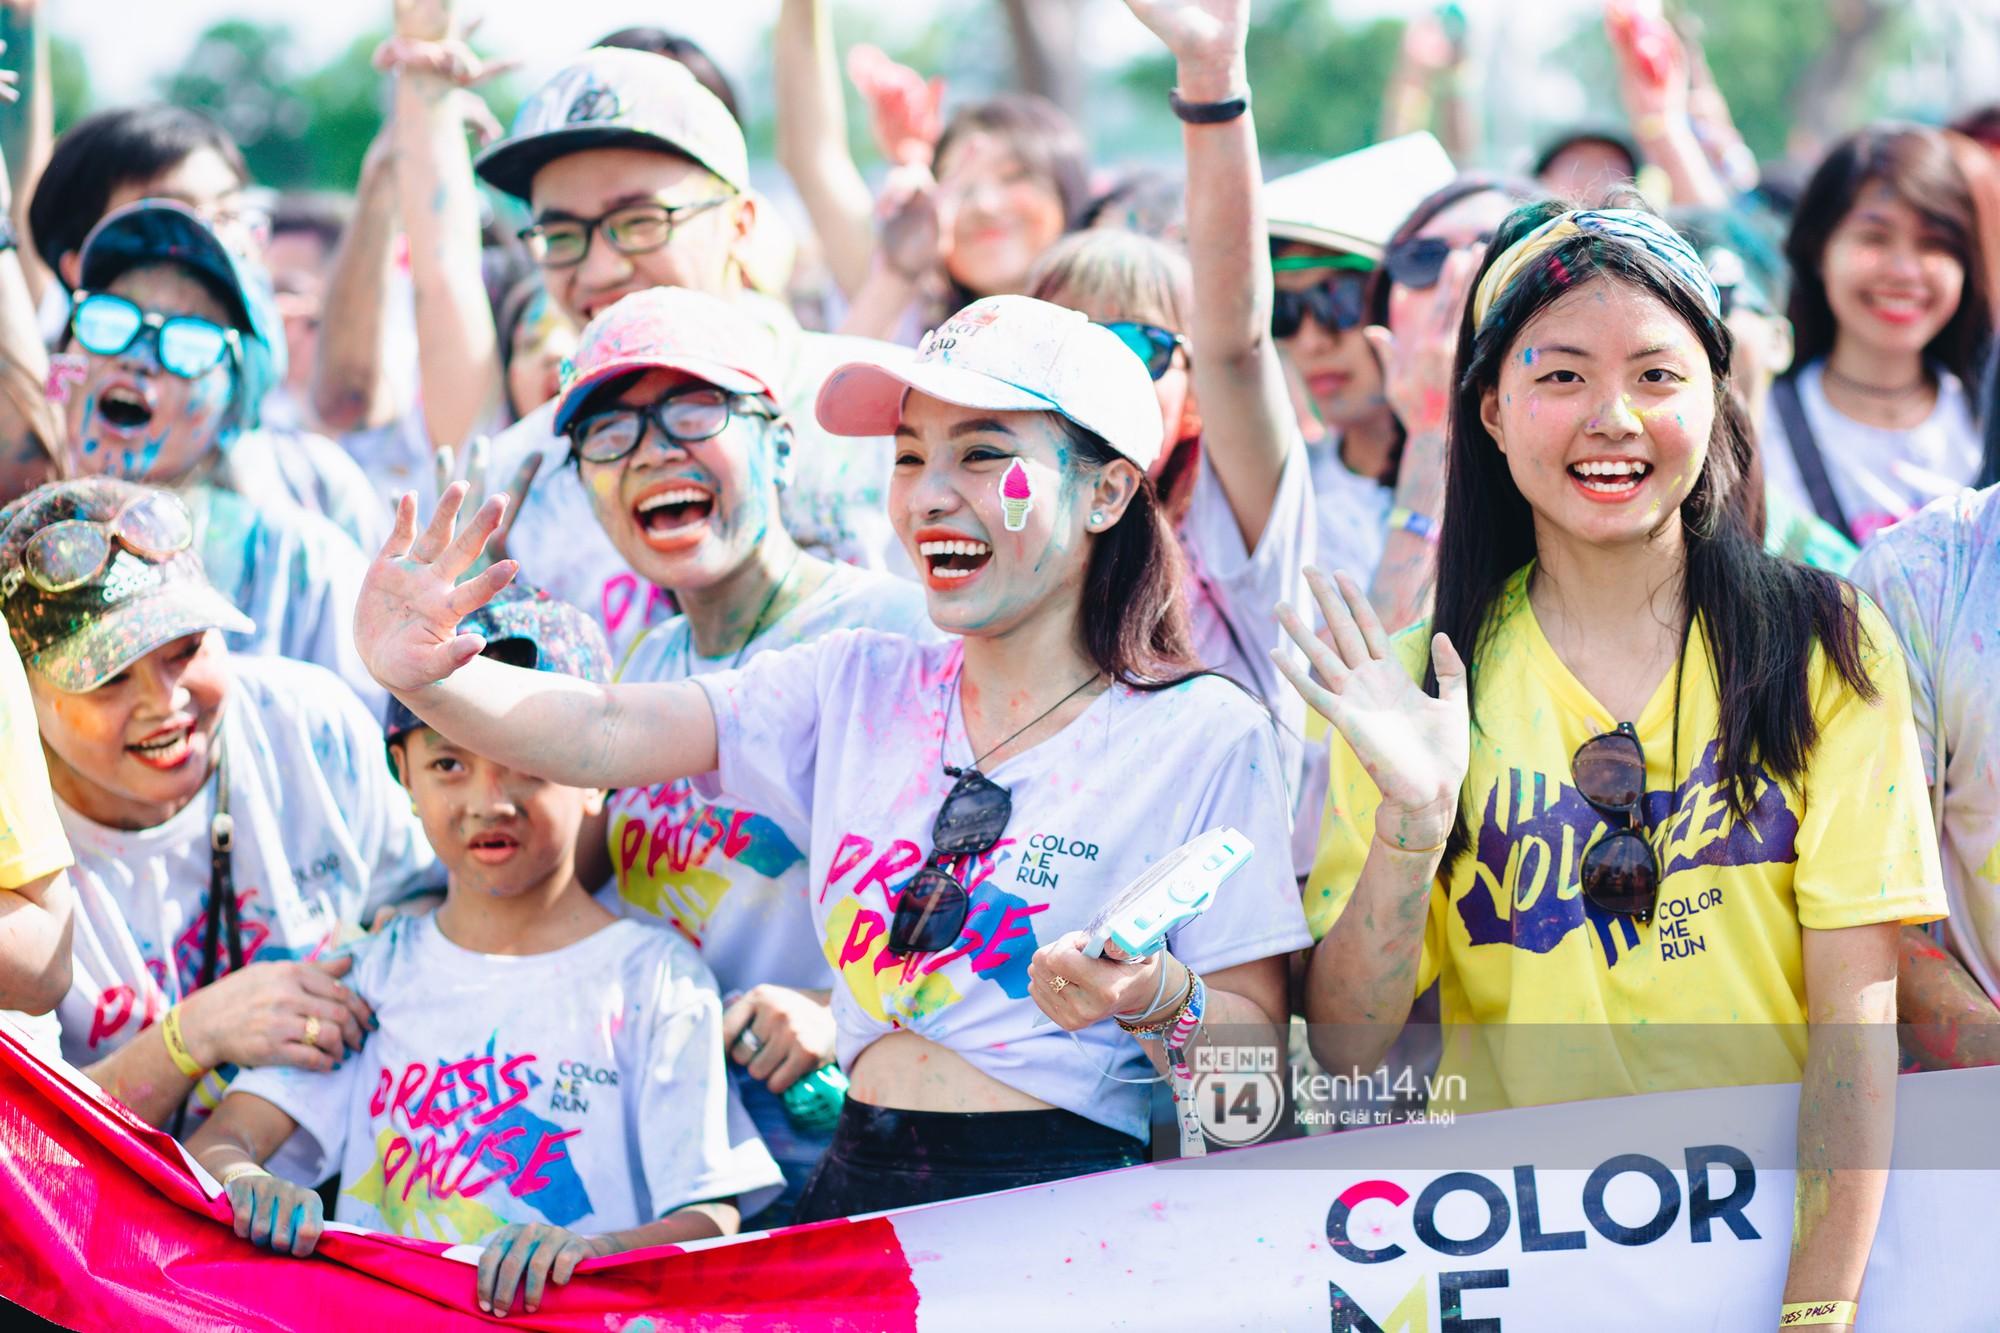 Bất chấp mặt mũi lấm lem, hội girl xinh vẫn chiếm hết spotlight tại Color Me Run - Ảnh 4.